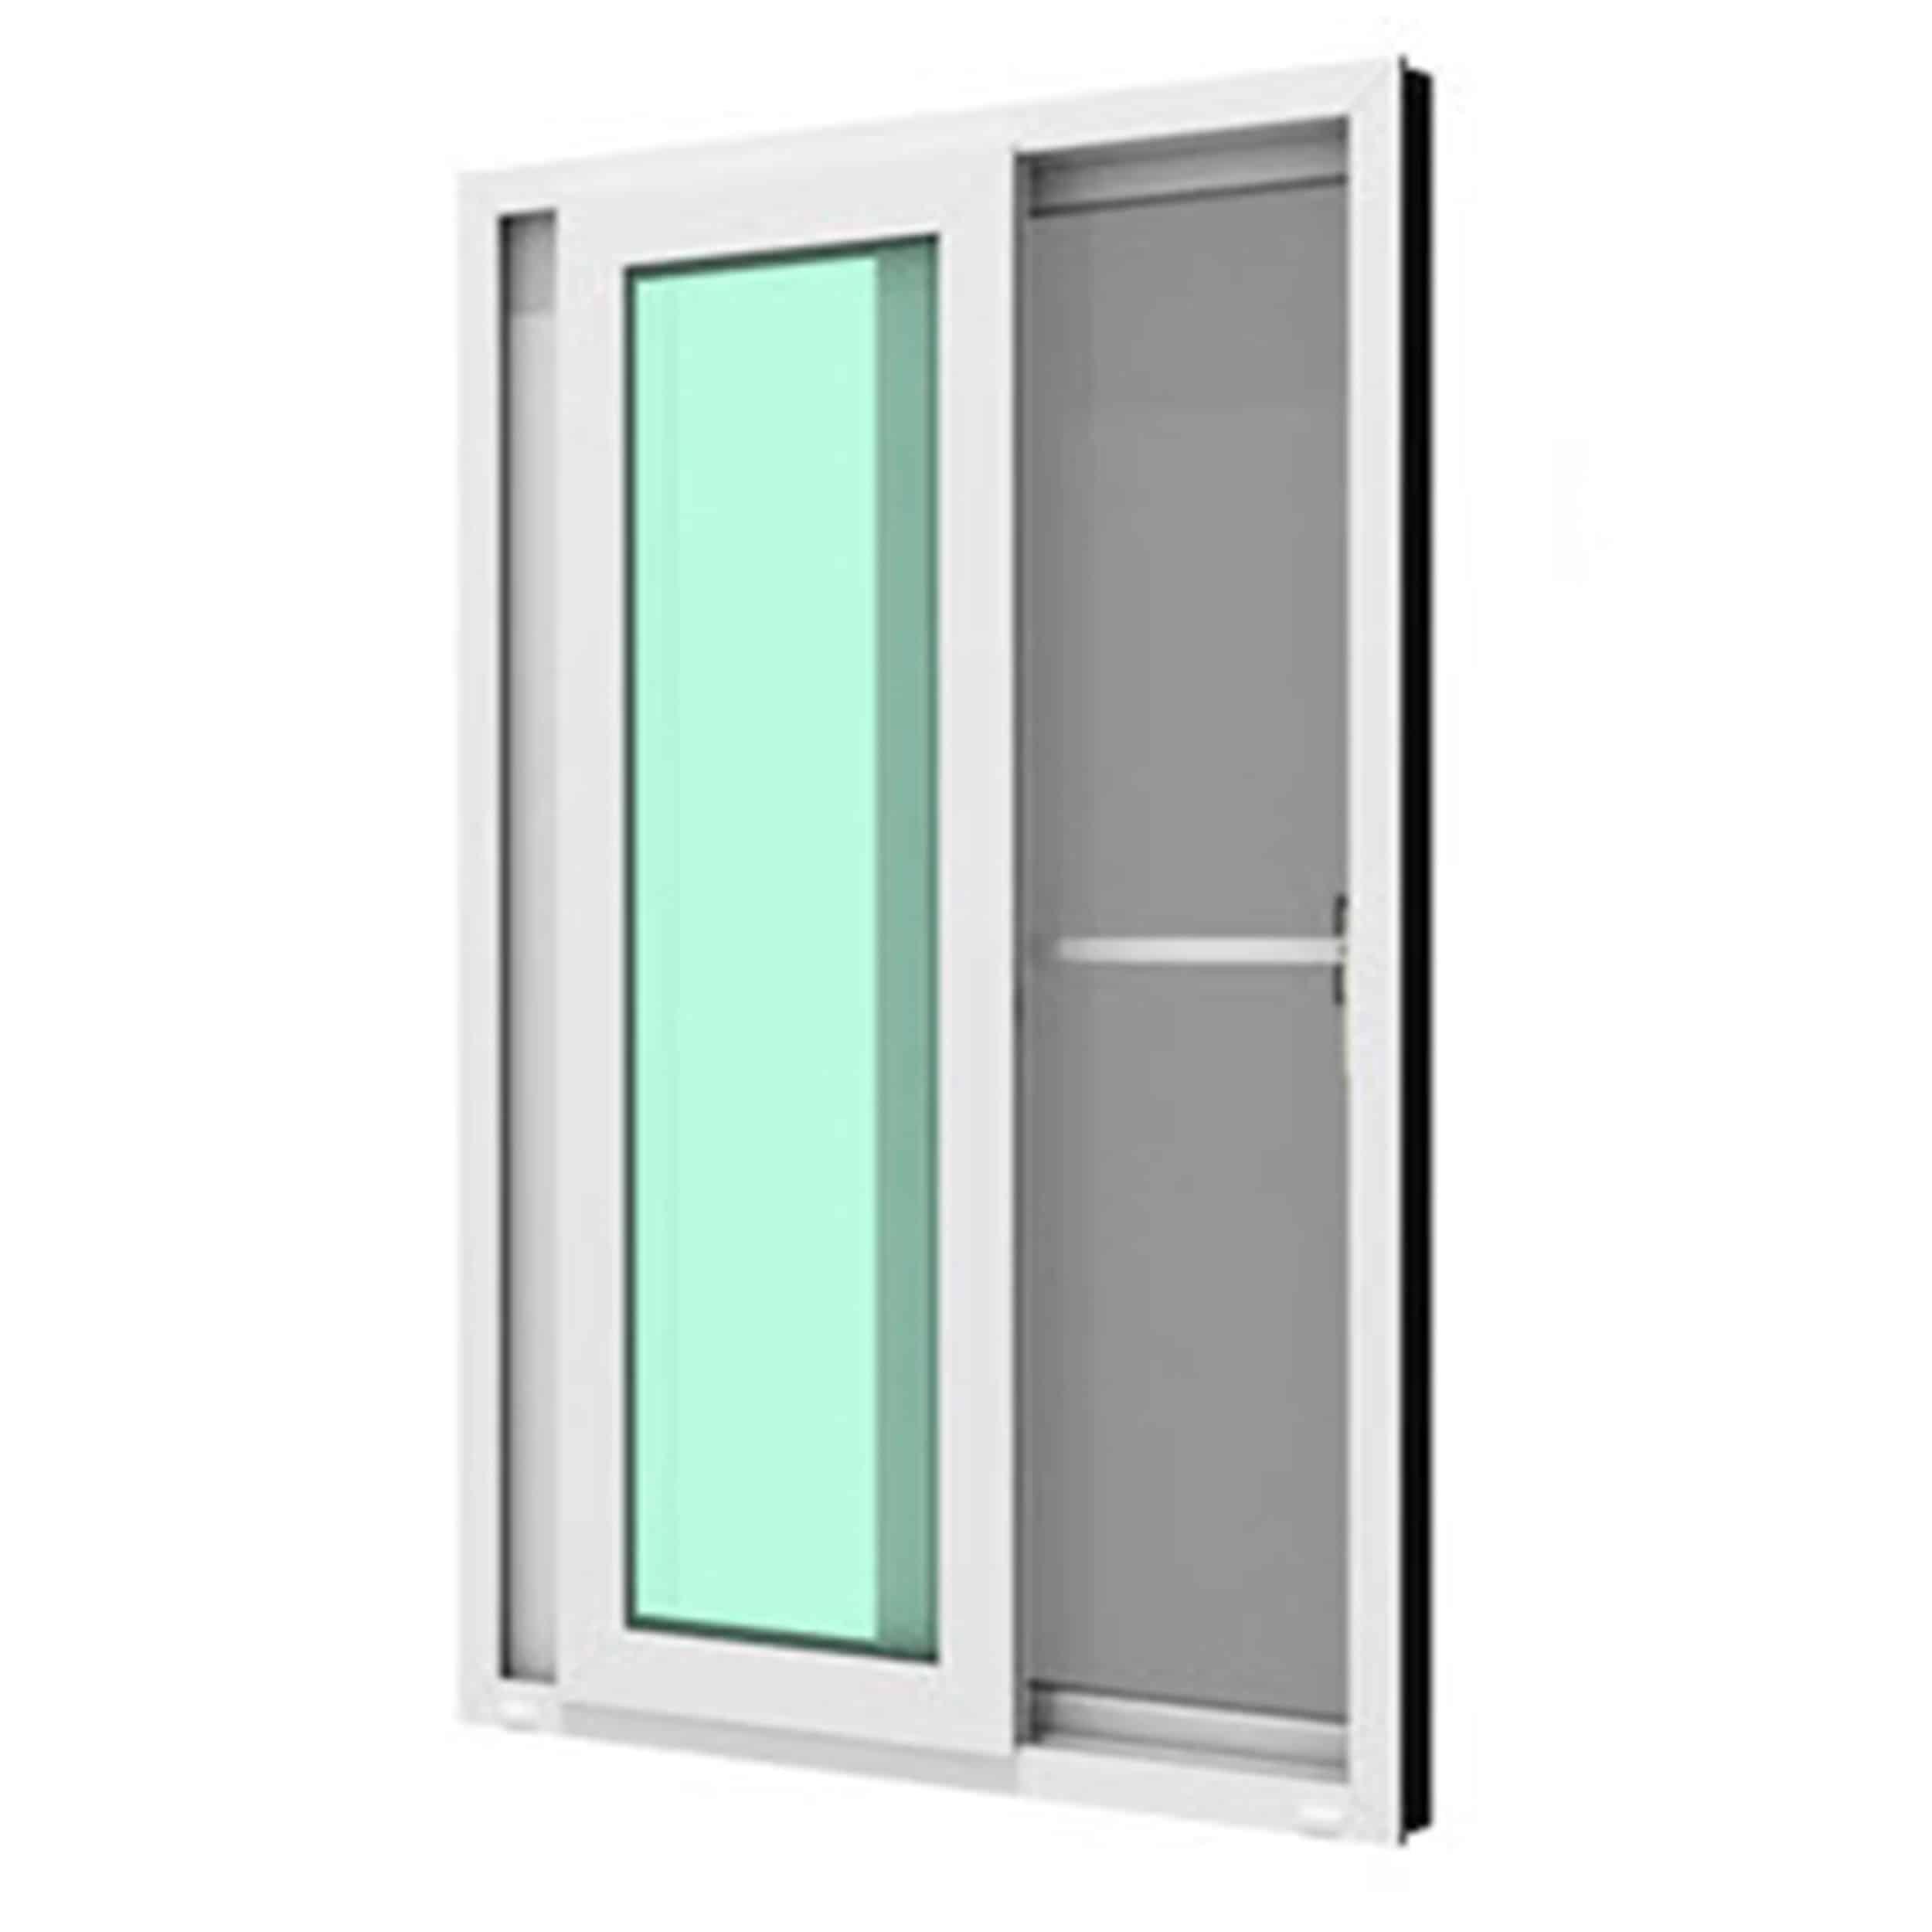 หน้าต่างบานเลื่อนคู๋ WINDSOR รุ่น MARK ll กระจกเขียวใส 5 มม.+มุ้งลวด